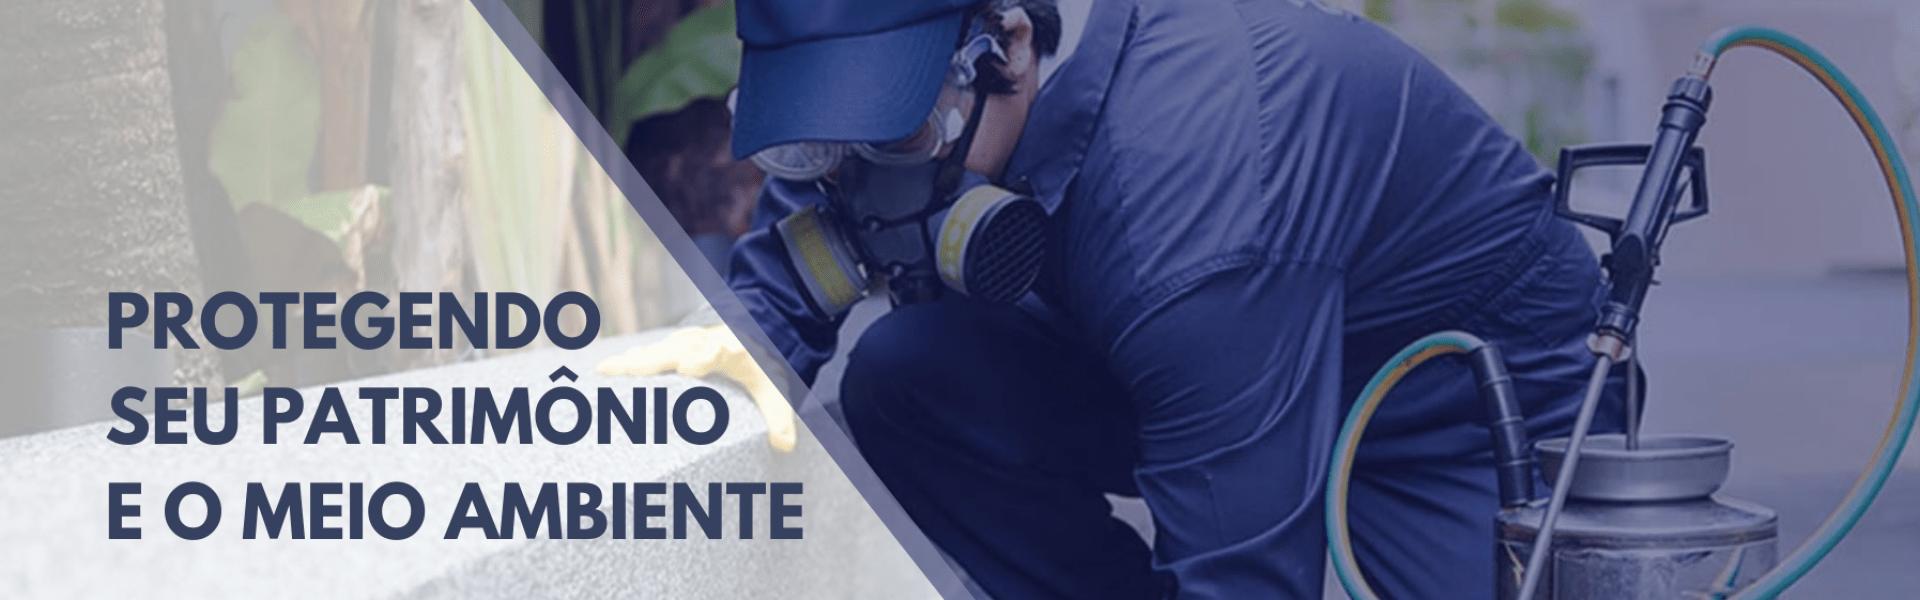 Técnico de dedetizadora fazendo dedetização em Franco da Rocha